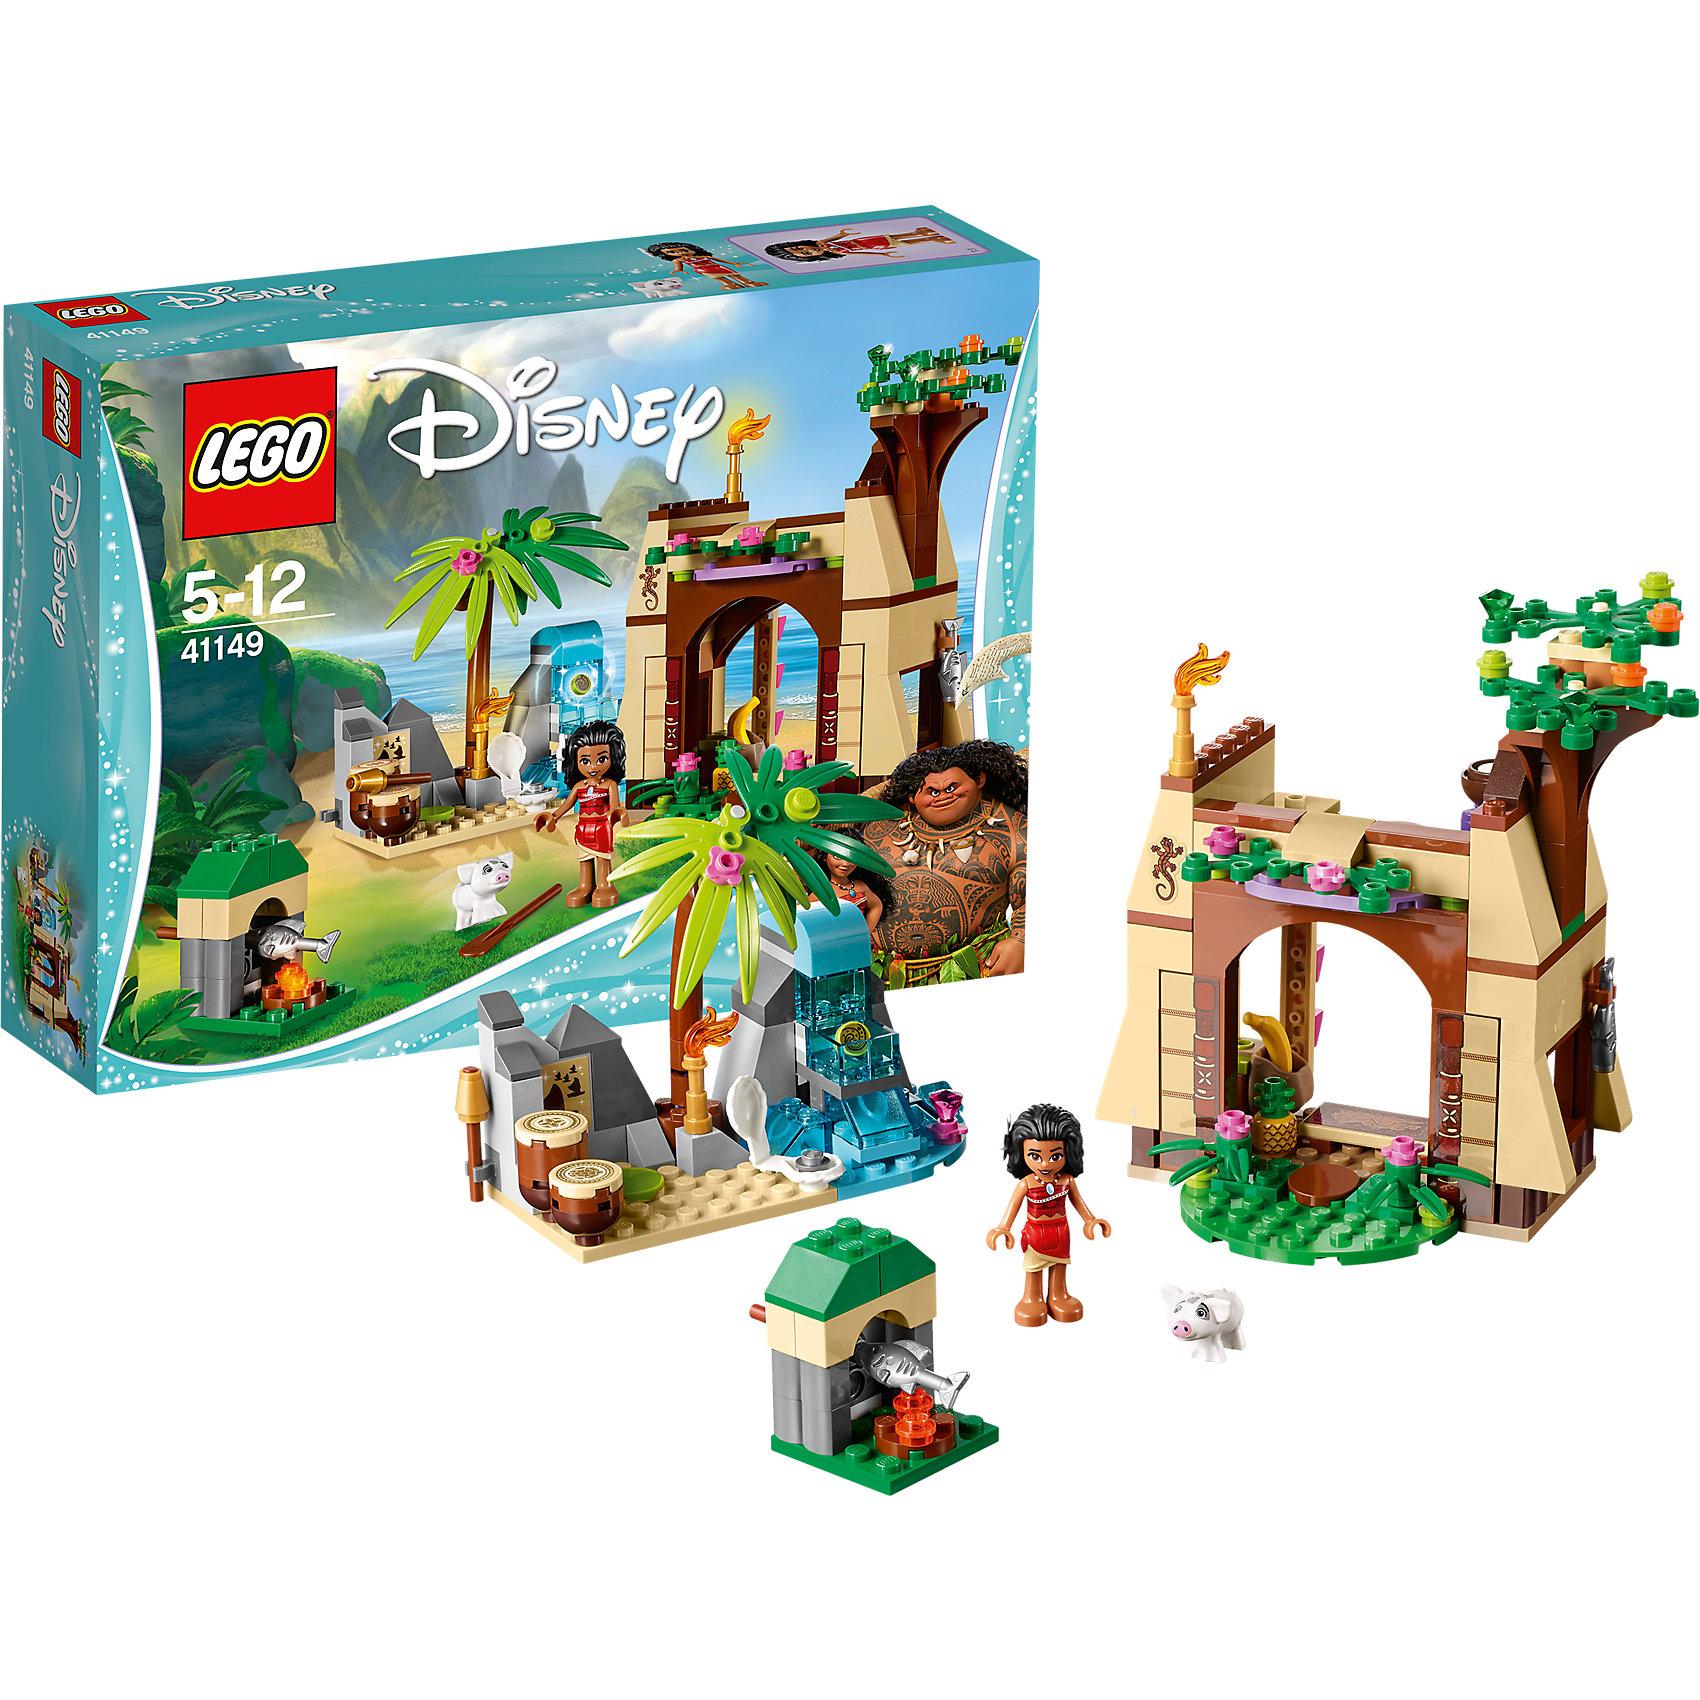 LEGO Disney Princesses 41149: Приключения Моаны на затерянном острове<br><br>Ширина мм: 255<br>Глубина мм: 192<br>Высота мм: 66<br>Вес г: 345<br>Возраст от месяцев: 60<br>Возраст до месяцев: 144<br>Пол: Женский<br>Возраст: Детский<br>SKU: 5002466